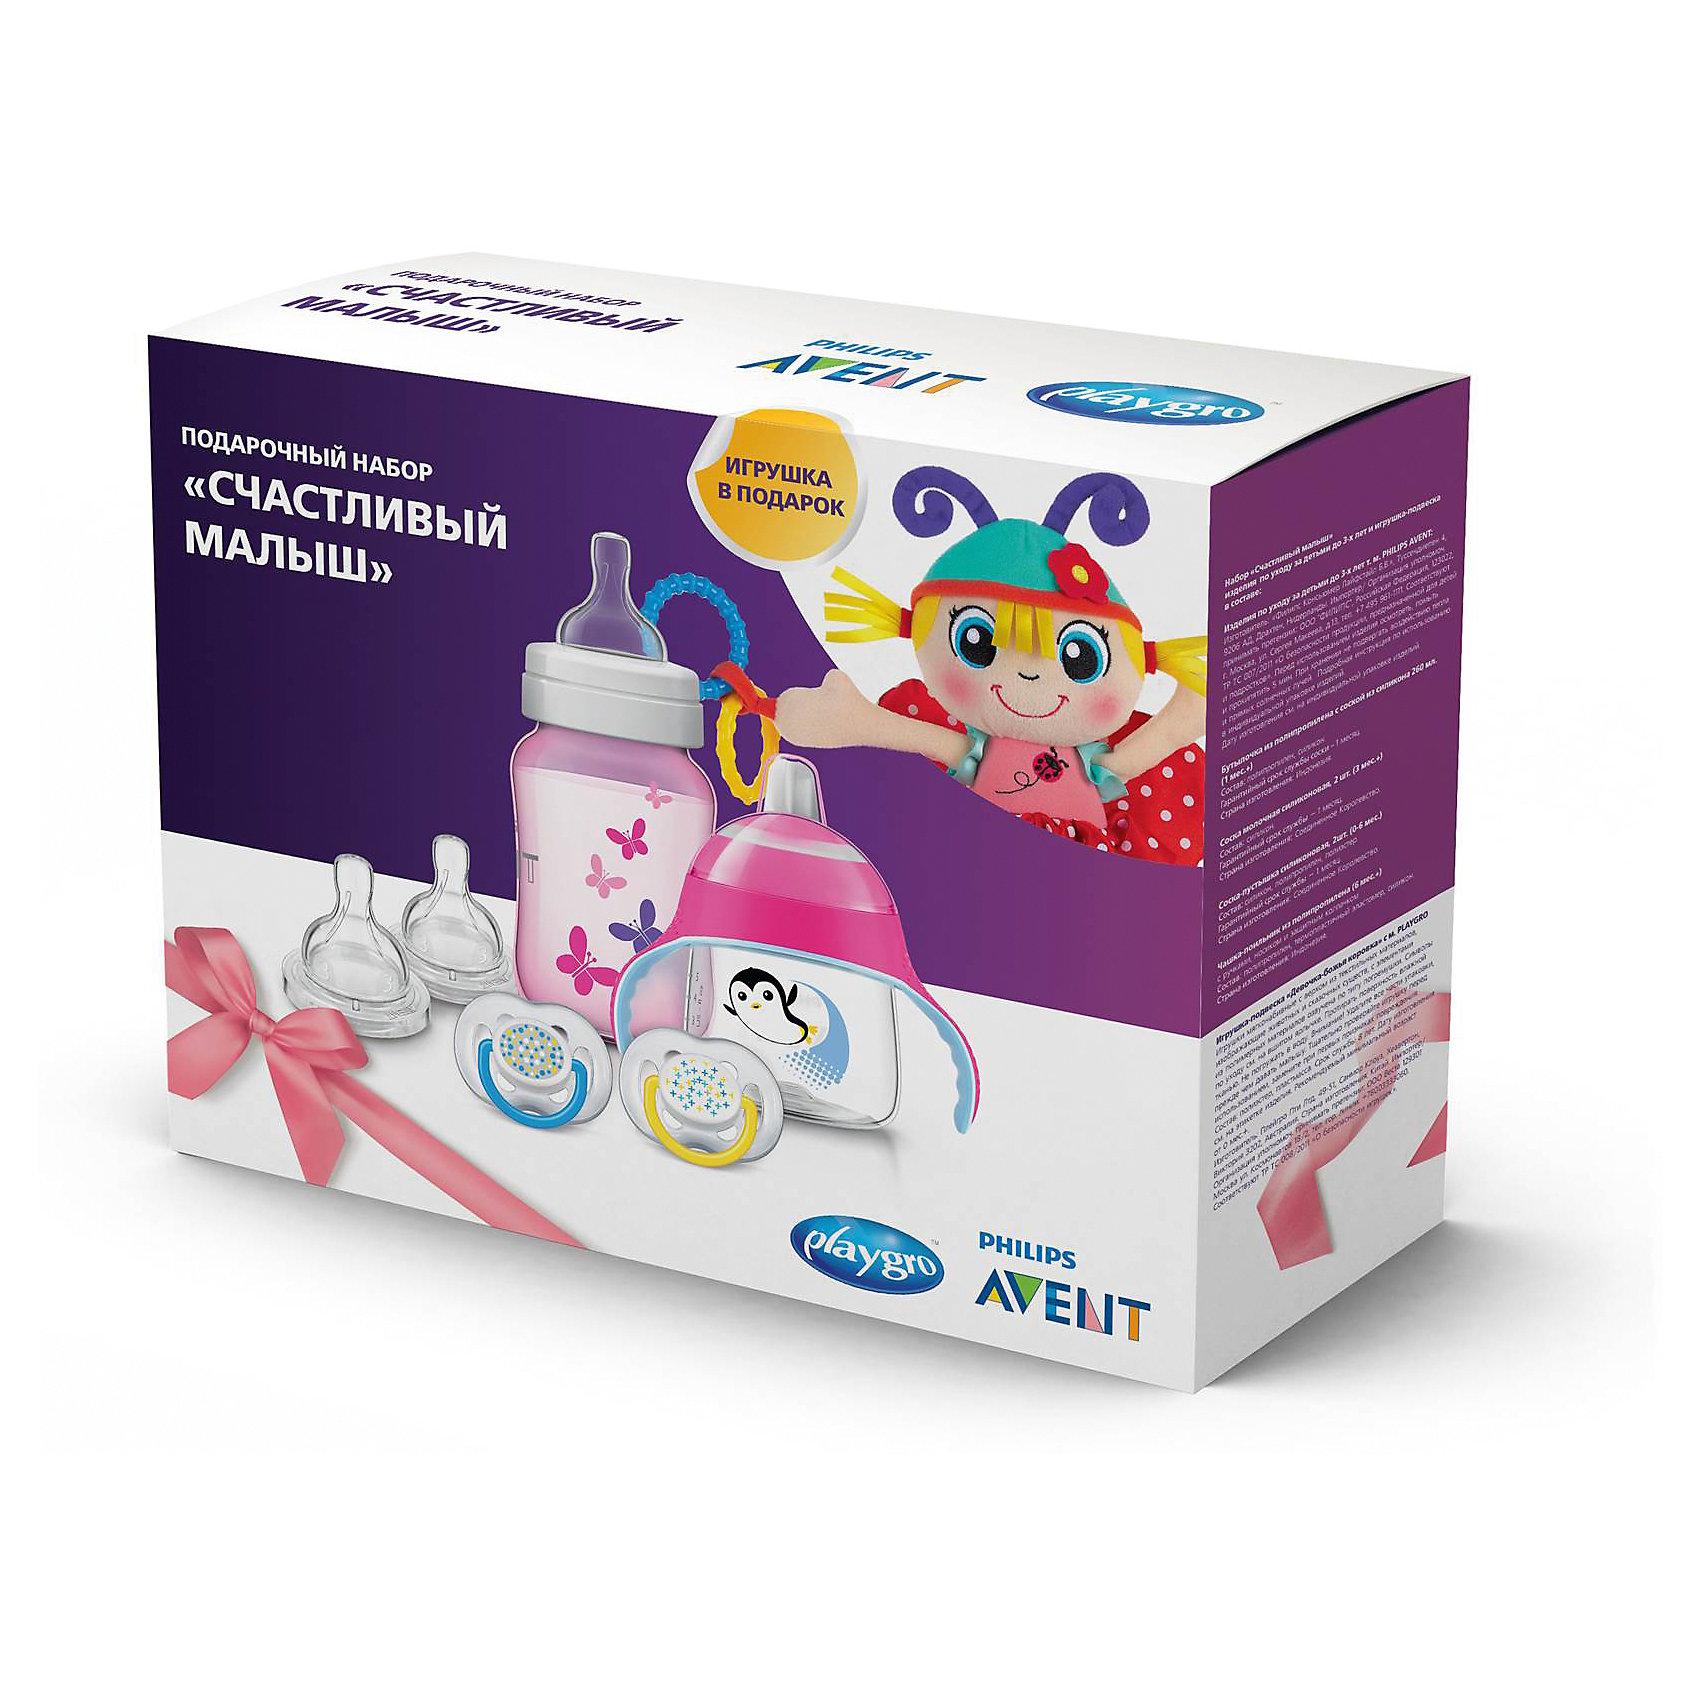 Набор «Счастливый малыш» для девочек,  Philips Avent, розовыйНабор «Счастливый малыш» для девочек, Philips Avent (Филипс Авент), розовый<br><br>Характеристики:<br><br>• в комплекте: бутылочка Classic+ (от 1 месяца), 2 силиконовые соски Classic+ (от 3х месяцев), 2 силиконовые пустышки (от 0 до 6 месяцев), поильник Пингвин (от 6 месяцев), подвесная игрушка Божья коровка<br>• объем бутылочки: 260 мл<br>• объем поильника: 200 мл<br>• антиколиковая соска<br>• специальная форма пустышки удобна в любом положении<br>• вентиляционные отверстия по краям соски<br>• поильник оснащен клапаном, предотвращающим проливание жидкости<br>• нескользящие ручки<br>• размер упаковки: 24х9,2х30 см<br>• вес: 610 грамм<br><br>Набор Счастливый малыш позаботится о комфорте ребенка, действительно делая кроху счастливым. В набор входят 2 силиконовые соски, 2 силиконовые пустышки, бутылочка, поильник и игрушка. Бутылочка из серии Classic+ подходит для детей от одного месяца. Она имеет антиколиковую соску, которая предотвращает заглатывание лишнего воздуха и беспокойство из-за коликов. <br><br>Силиконовые соски из серии Classic+ предназначены для детей от 3-х месяцев. Соски помогут малышу самостоятельно контролировать поток молока. Специальный клапан предотвращает заглатывание воздуха, срыгивание и колики.<br><br>Соски-пустышки подойдут для детей с 0 до 6 месяцев. Специальное строение пустышки поможет ребенку чувствовать себя комфортно даже при перевороте соски во рту. Боковые вентиляционные отверстия снижают риск возникновения раздражения на чувствительной коже.<br><br>С помощью поильника вы сможете с легкостью приучить ребенка к использованию чашки. Клапан поильника предотвращает протекание жидкости. А нескользящие ручки помогут малышу быстро приспособиться к новой посуде.<br><br>Забавная Божья Коровка станет лучшим другом малыша в первые месяцы жизни. Она издает очень приятные звуки, а также способствует развитию мелкой моторики, зрительных и тактильных ощущений.<br><br>Набор «Счастливый малыш»